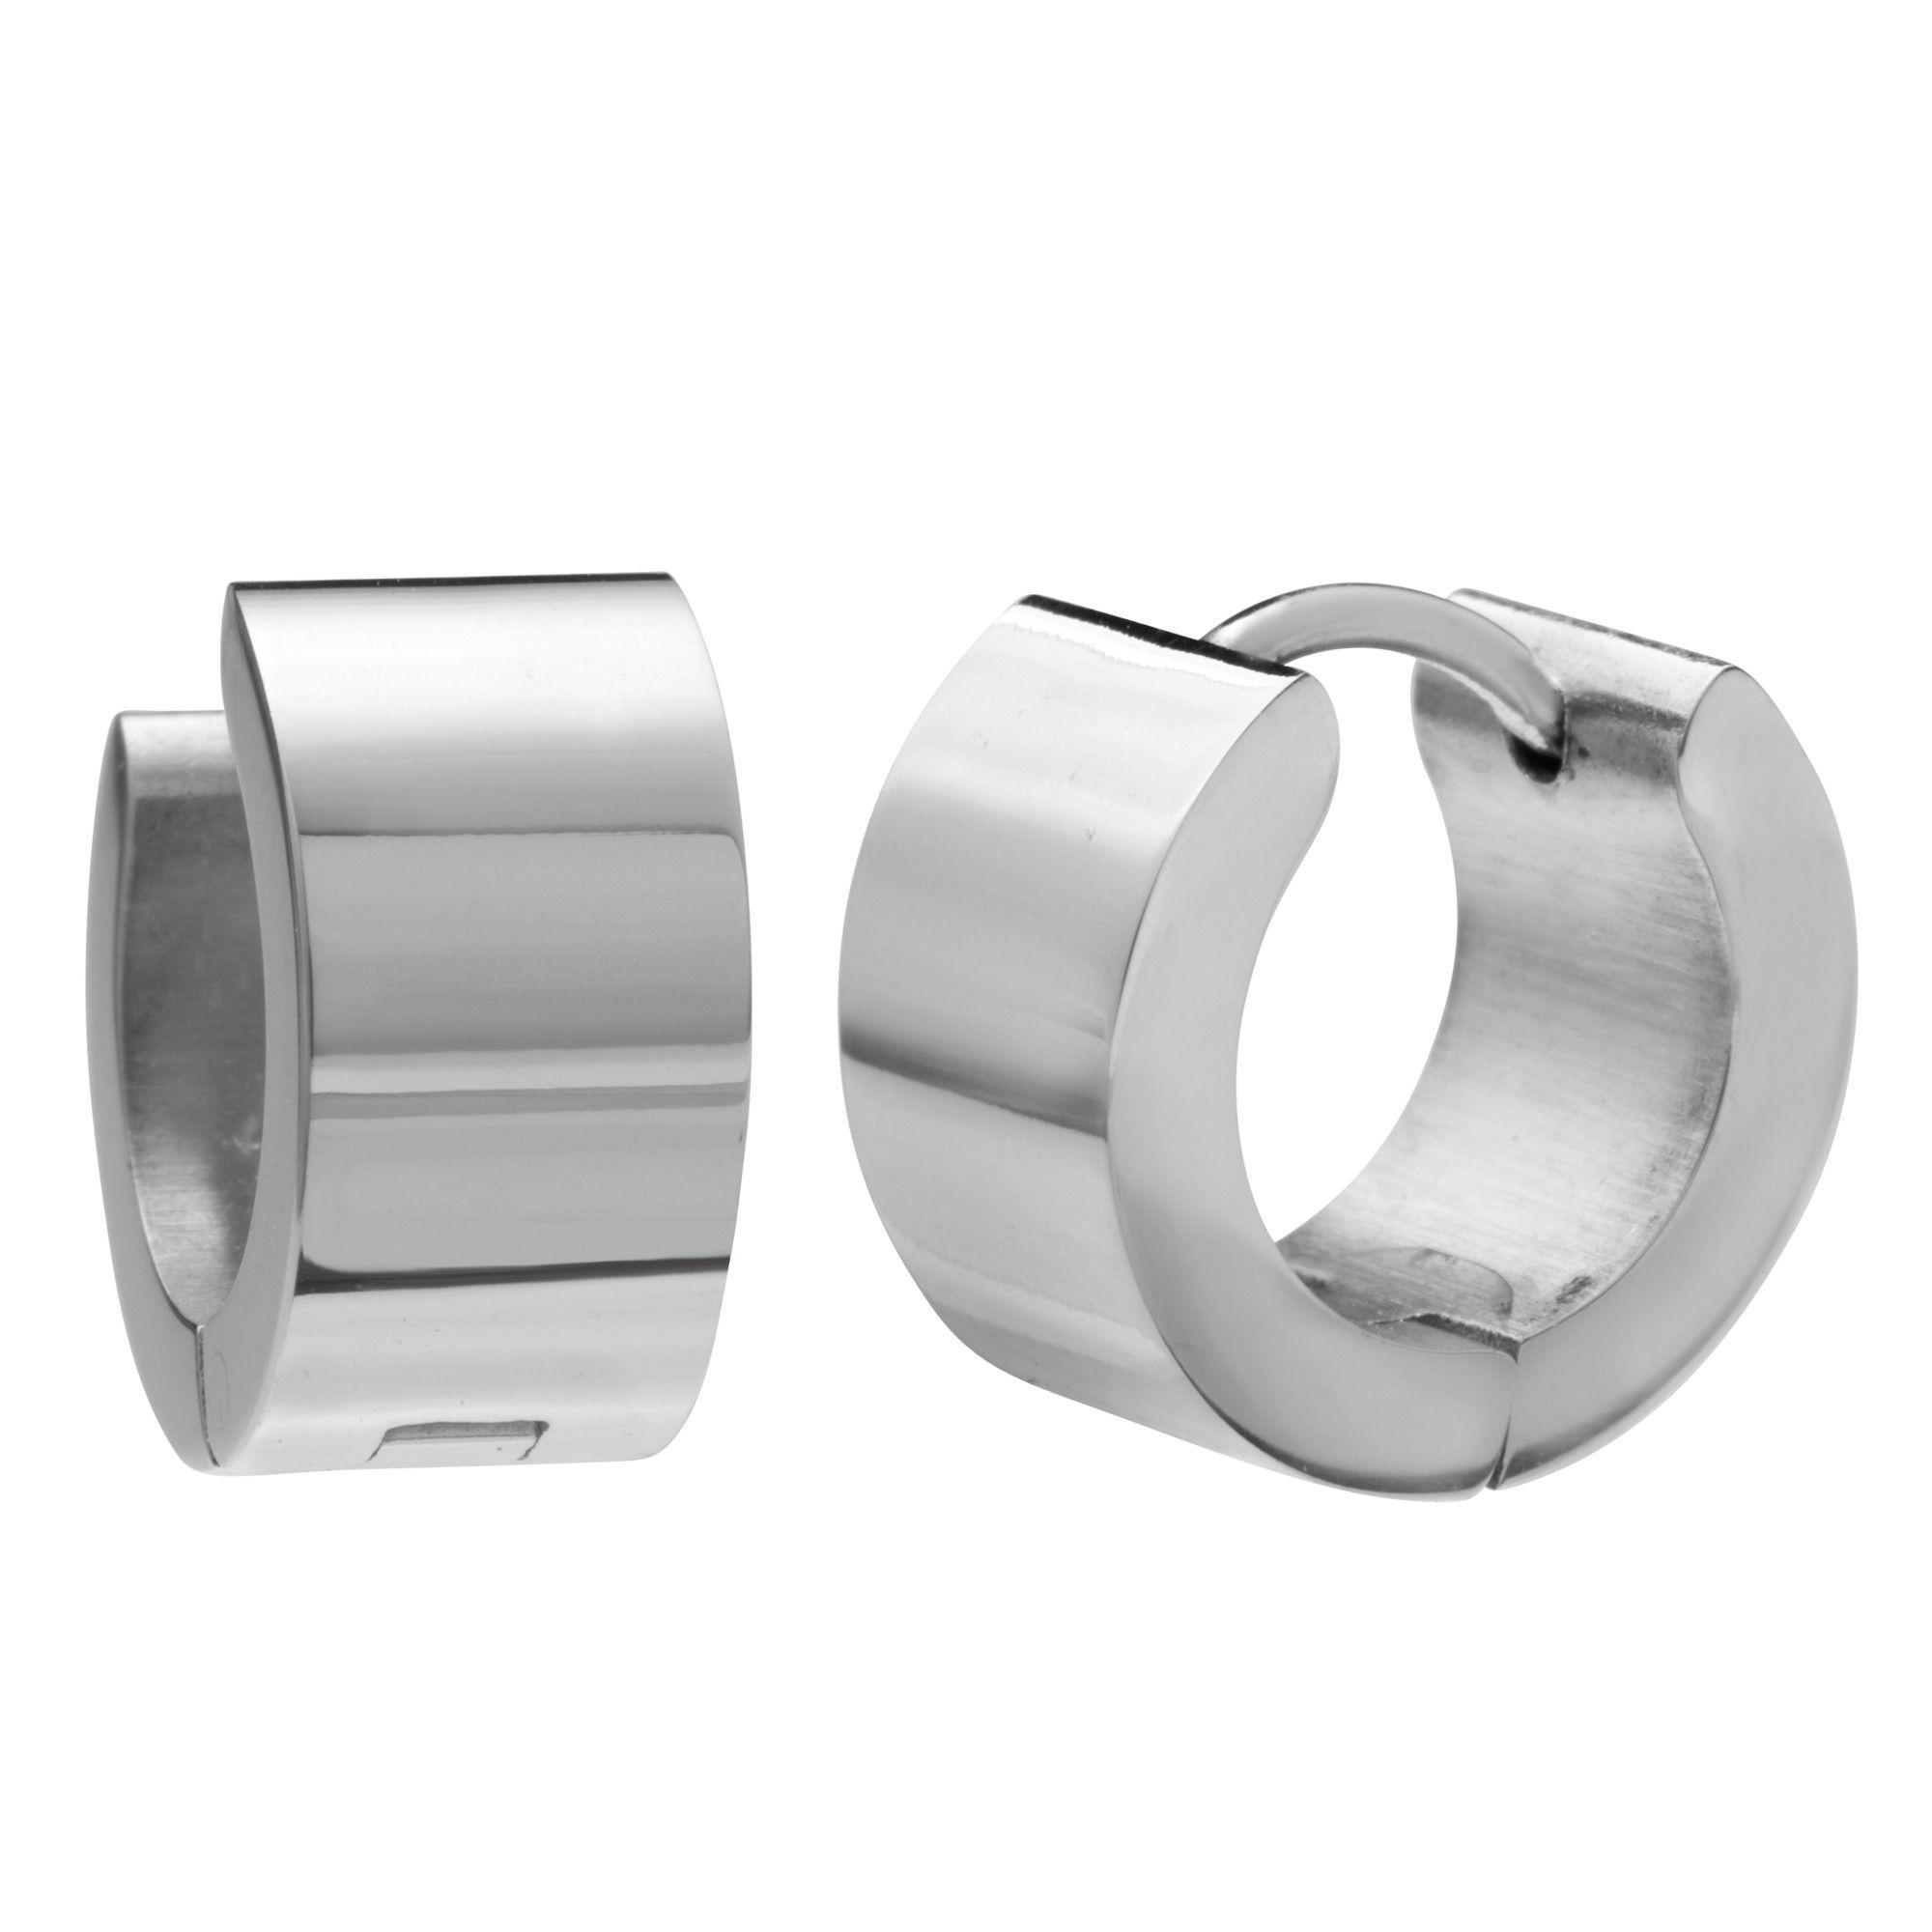 Mens Huggie Earrings in Stainless Steel Black Hoop Design 10mm (with Branded GiftBox) aKSXhVP